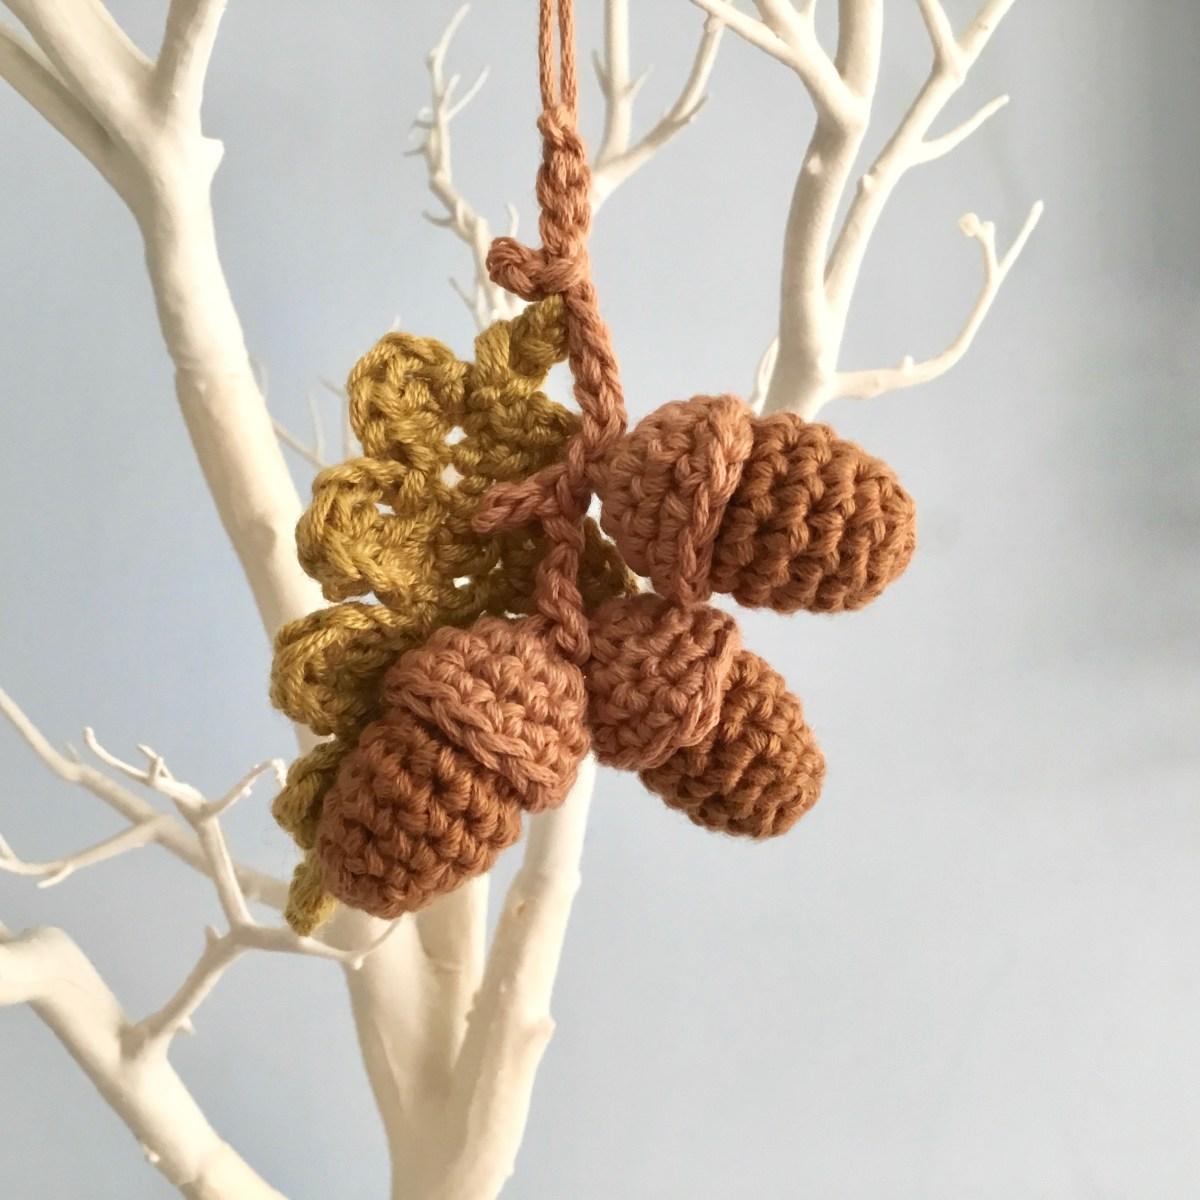 Hanging Acorn Ornaments